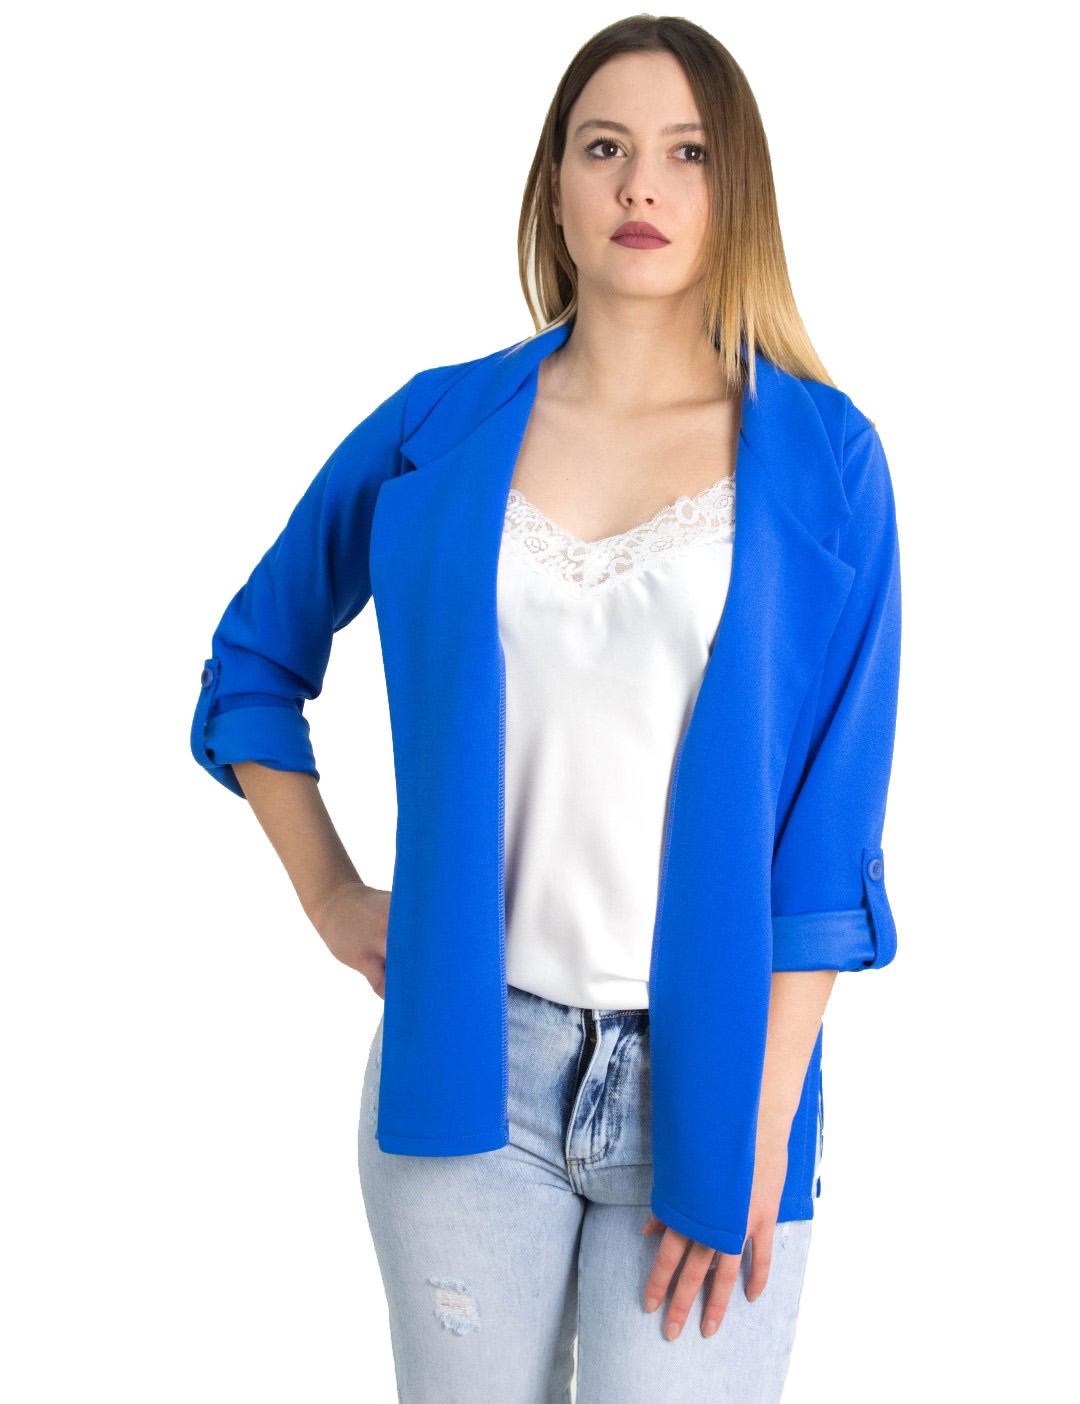 90cd16c51d45 Γυναικείο ρουά υφασμάτινο σακάκι μονόχρωμο Lipsy 1190802 - Glami.gr